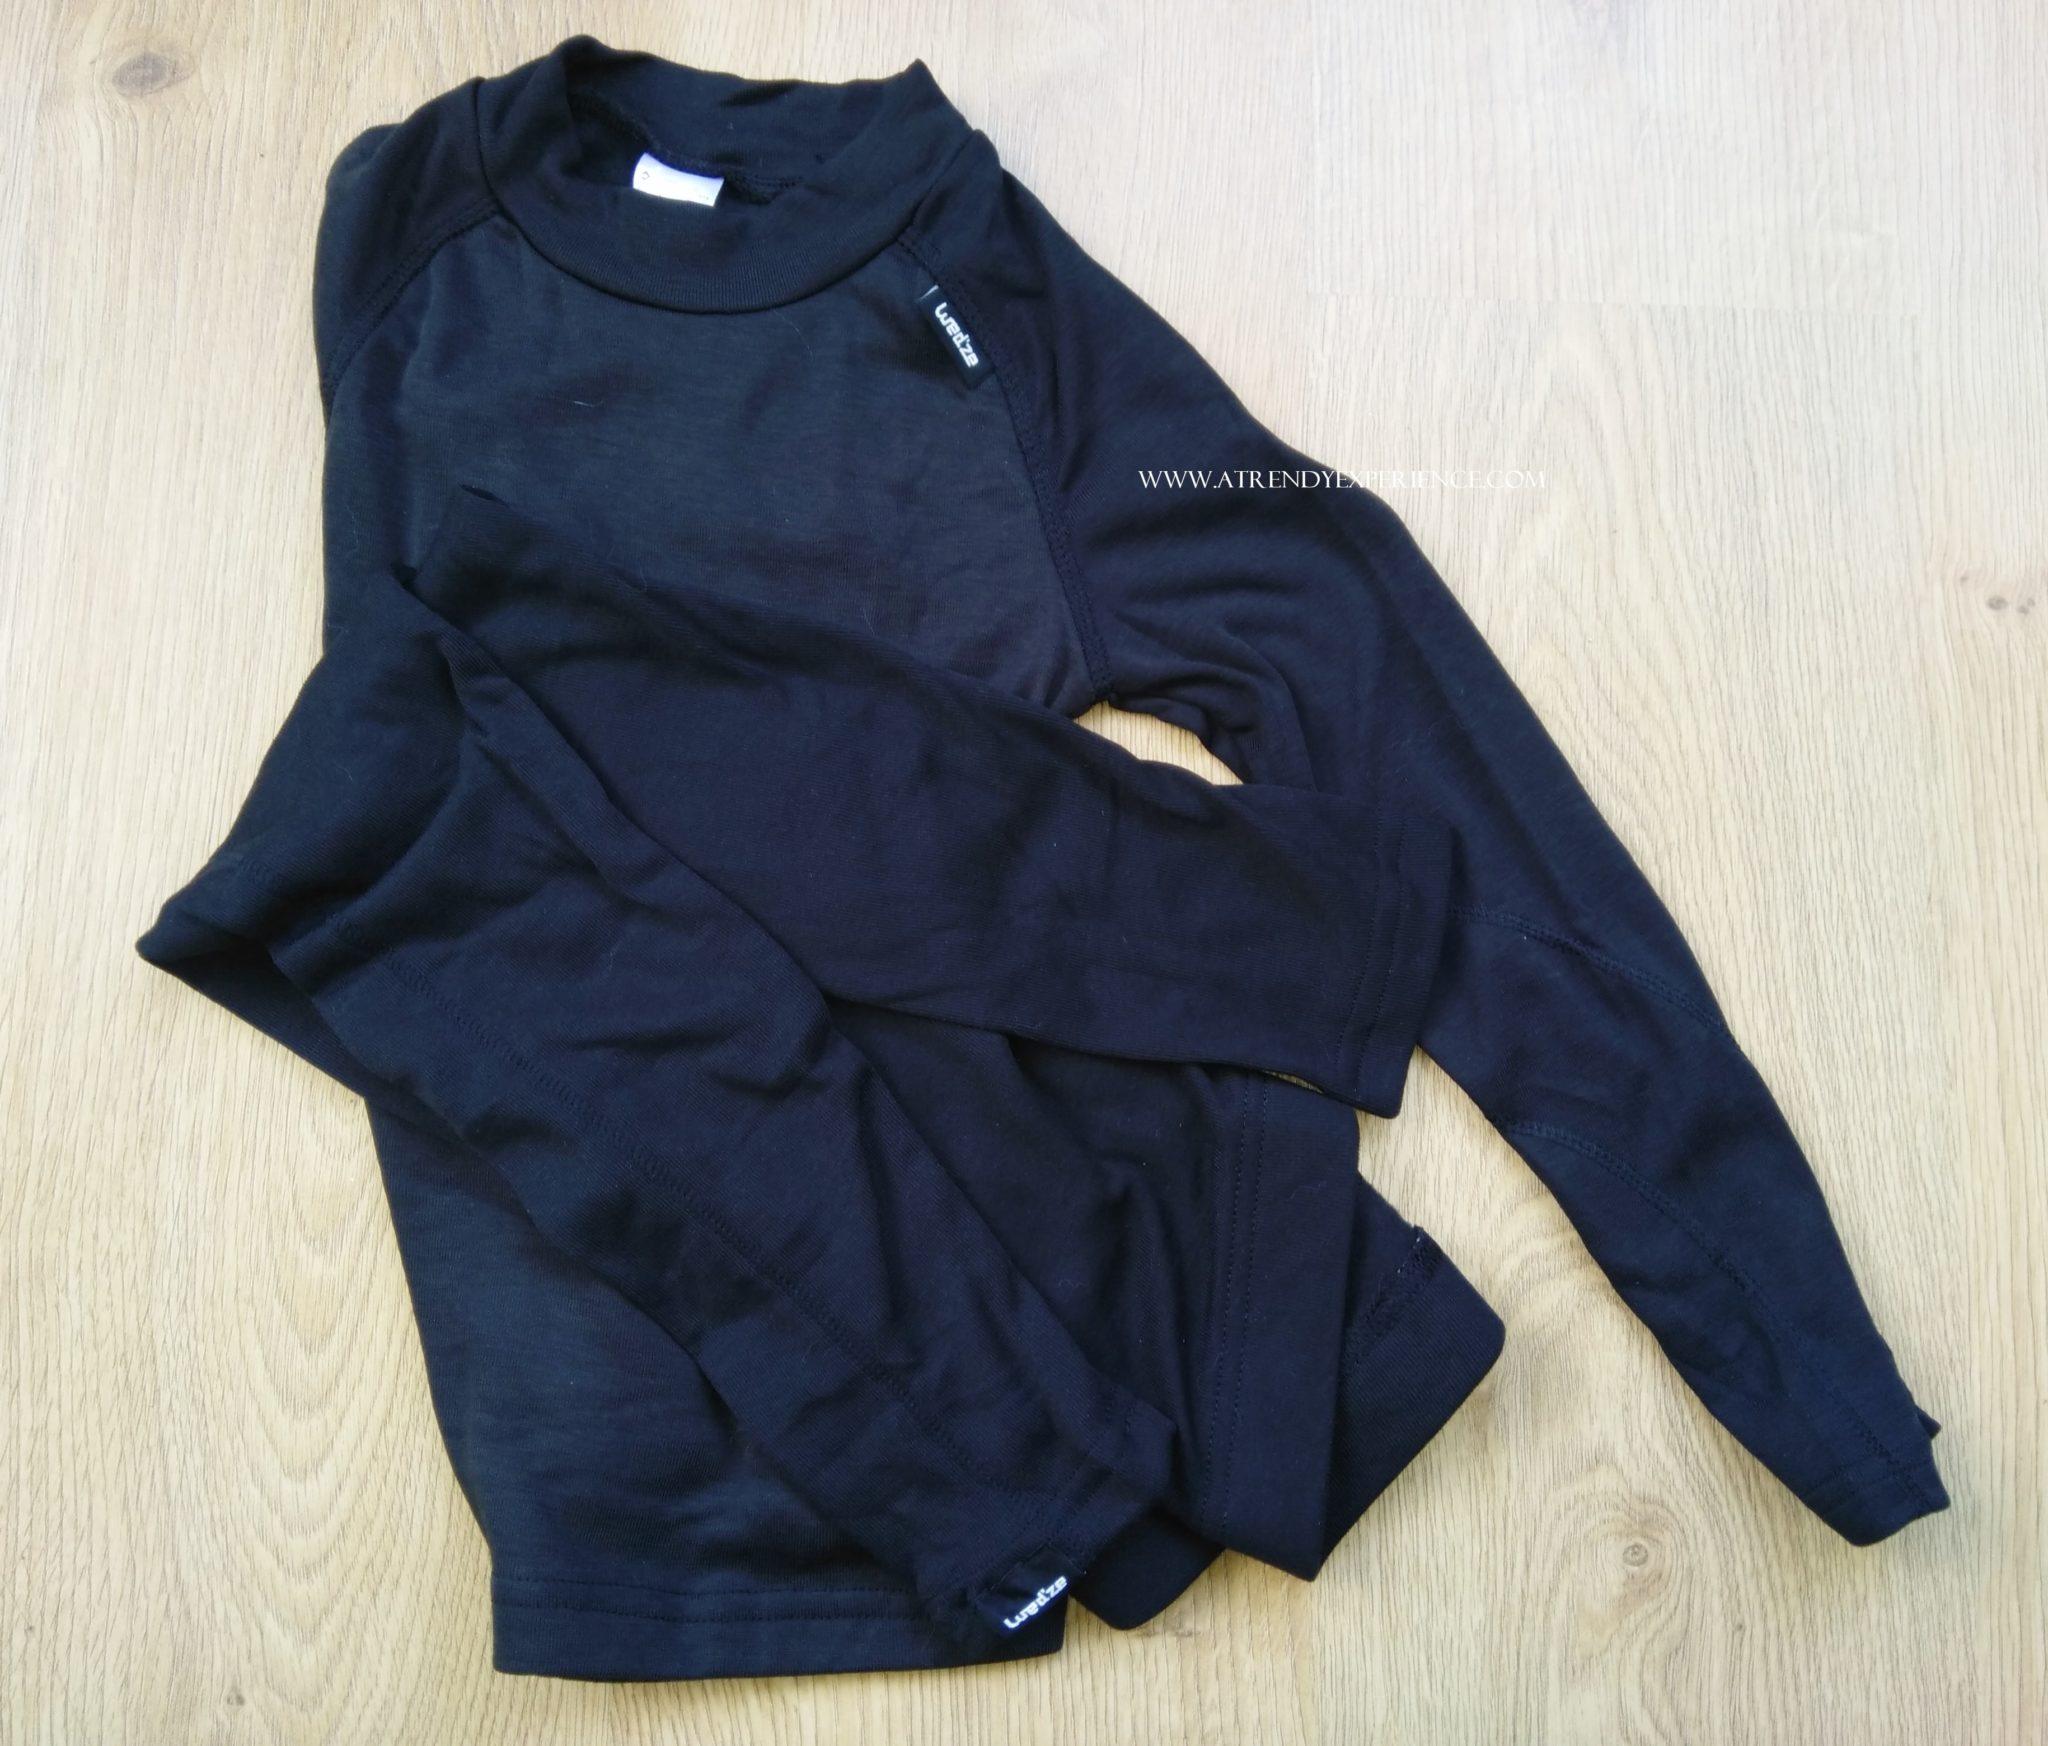 abbigliamento intimo termico cos'è e cosa scegliere e come vestirsi